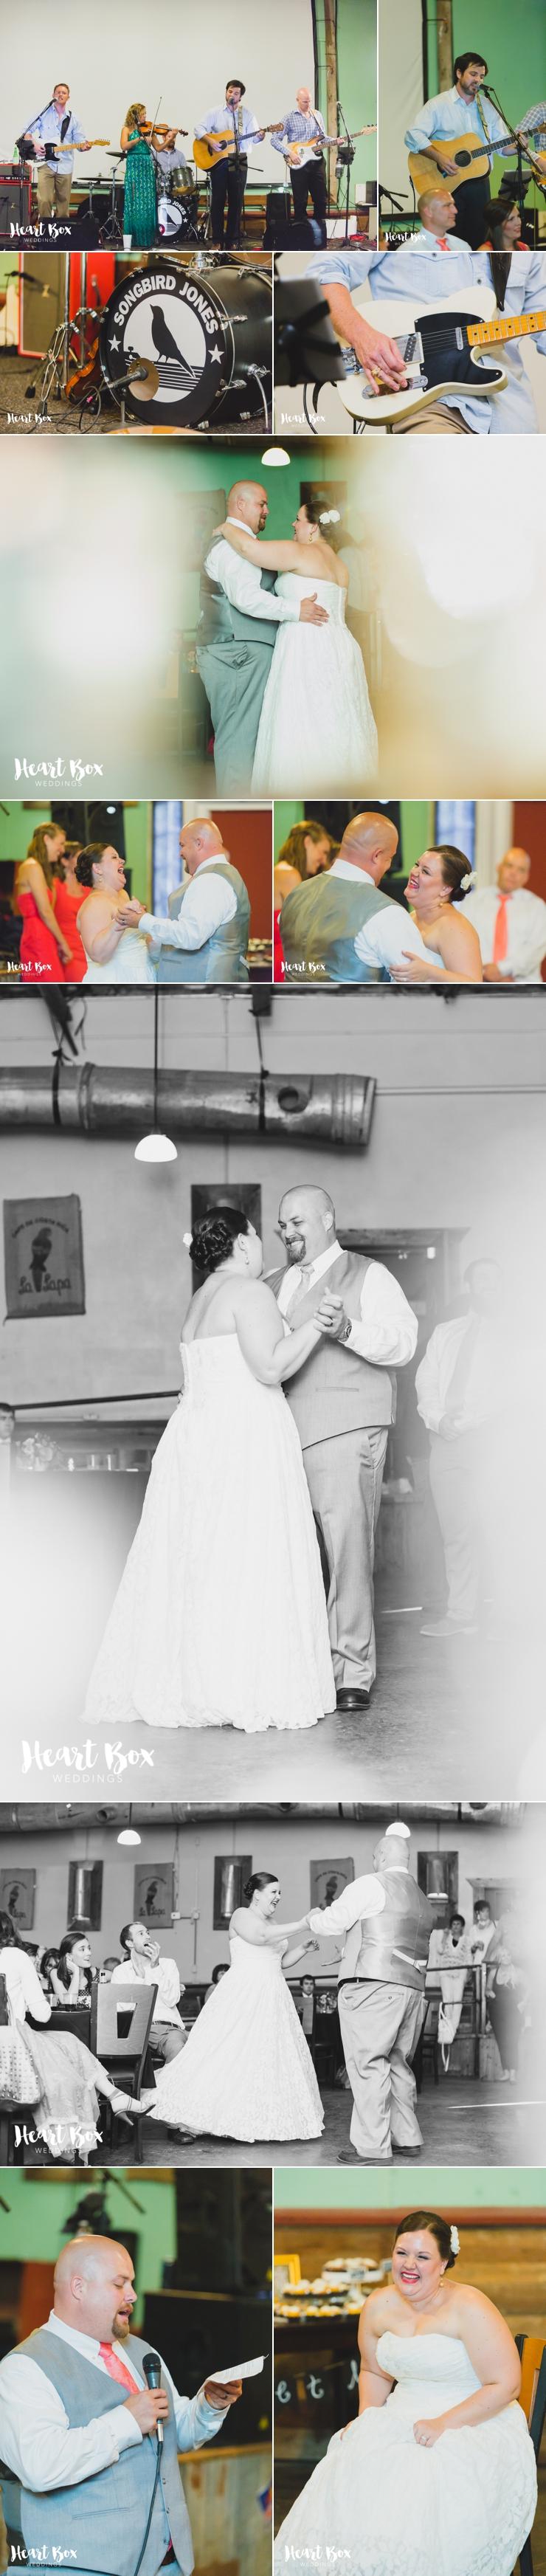 Turner Wedding Blog Collages 15.jpg